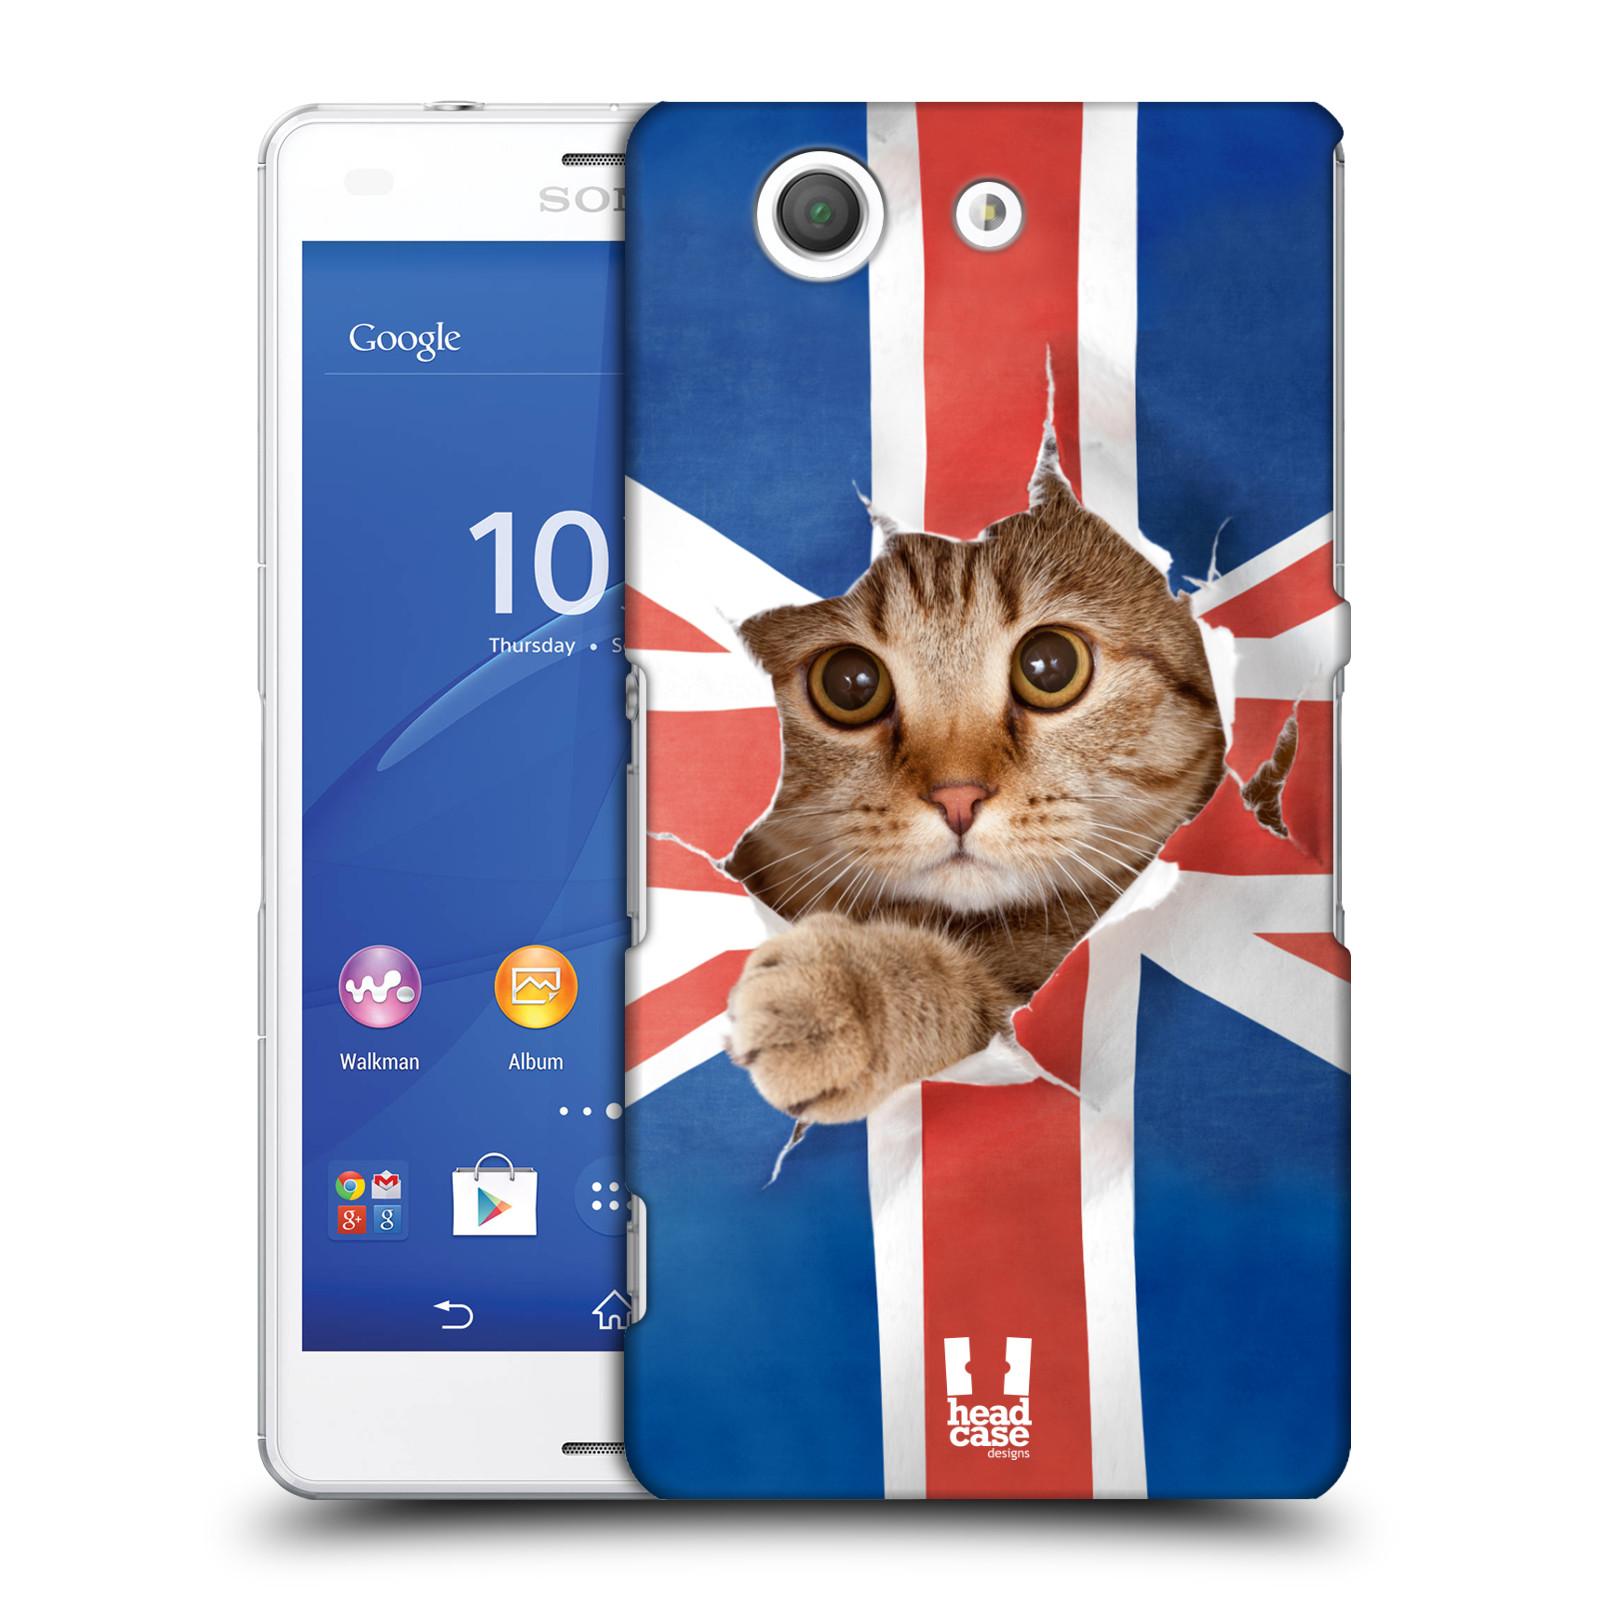 Plastové pouzdro na mobil Sony Xperia Z3 Compact D5803 HEAD CASE KOČKA A VLAJKA